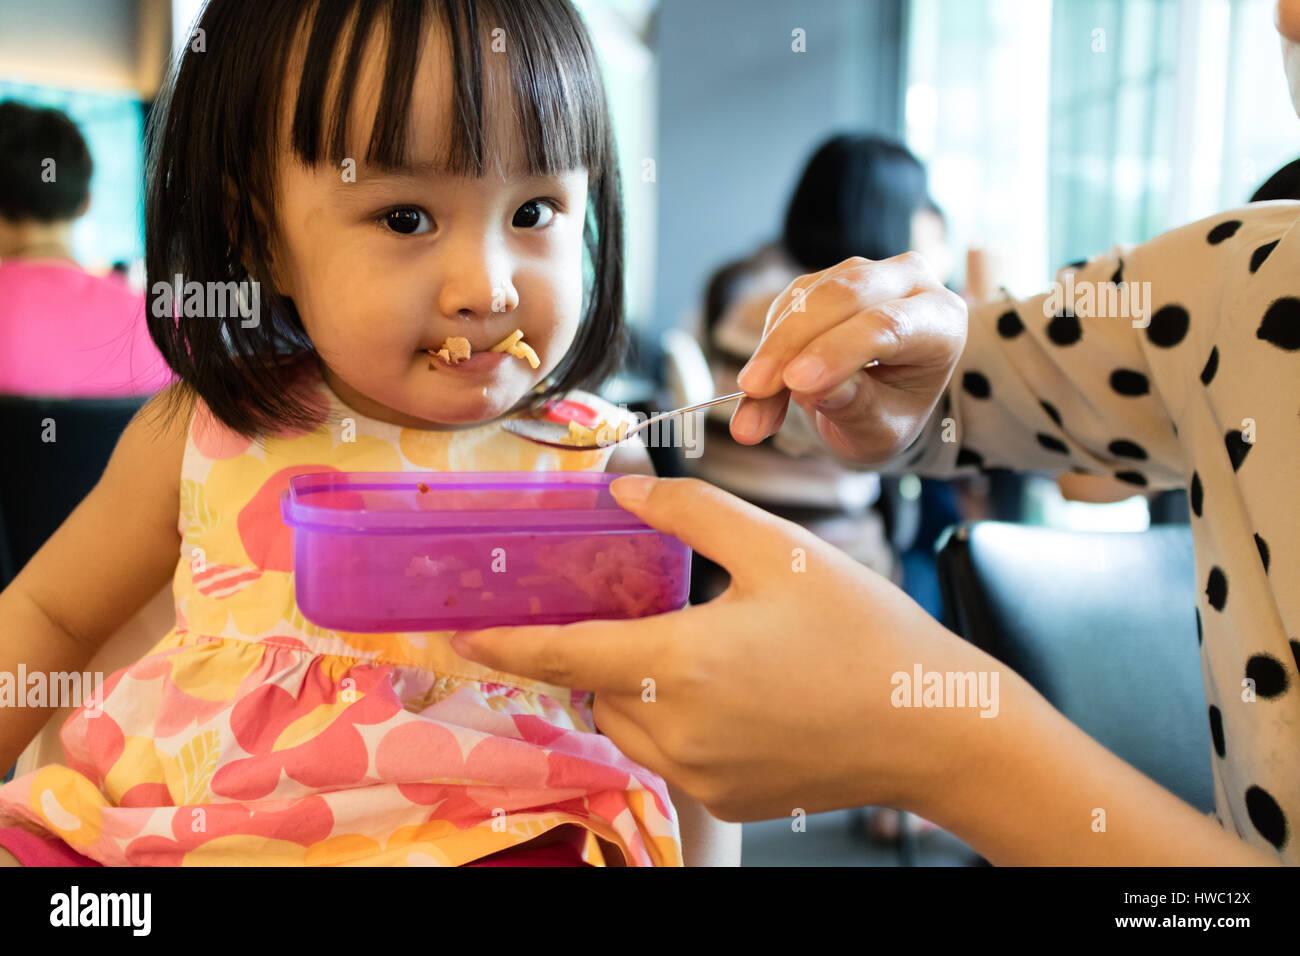 Mère fille asiatique alimentation Aliments pour enfants dans un restaurant. Photo Stock